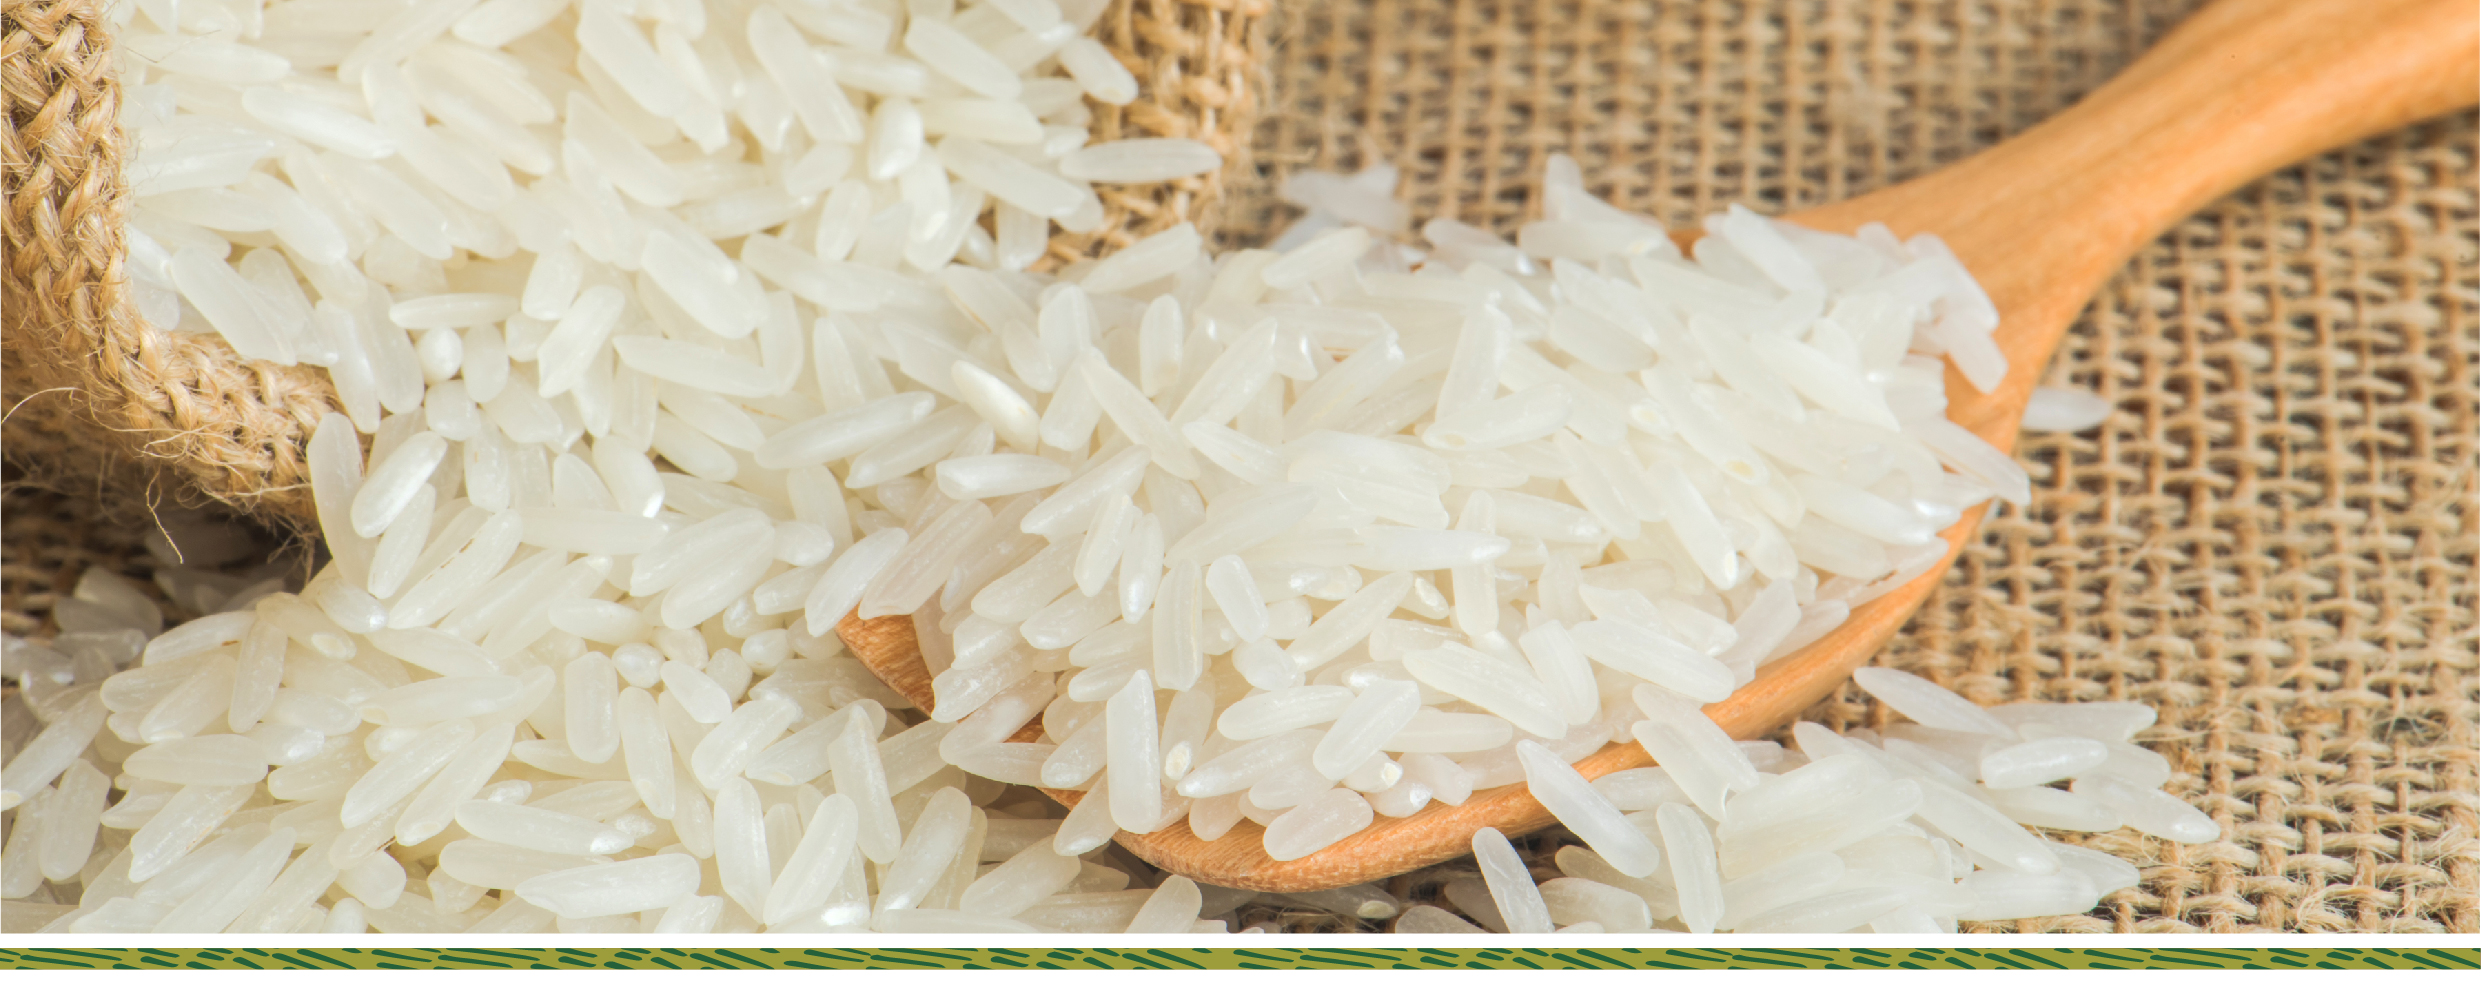 Hỉnh dáng của gạo sạch